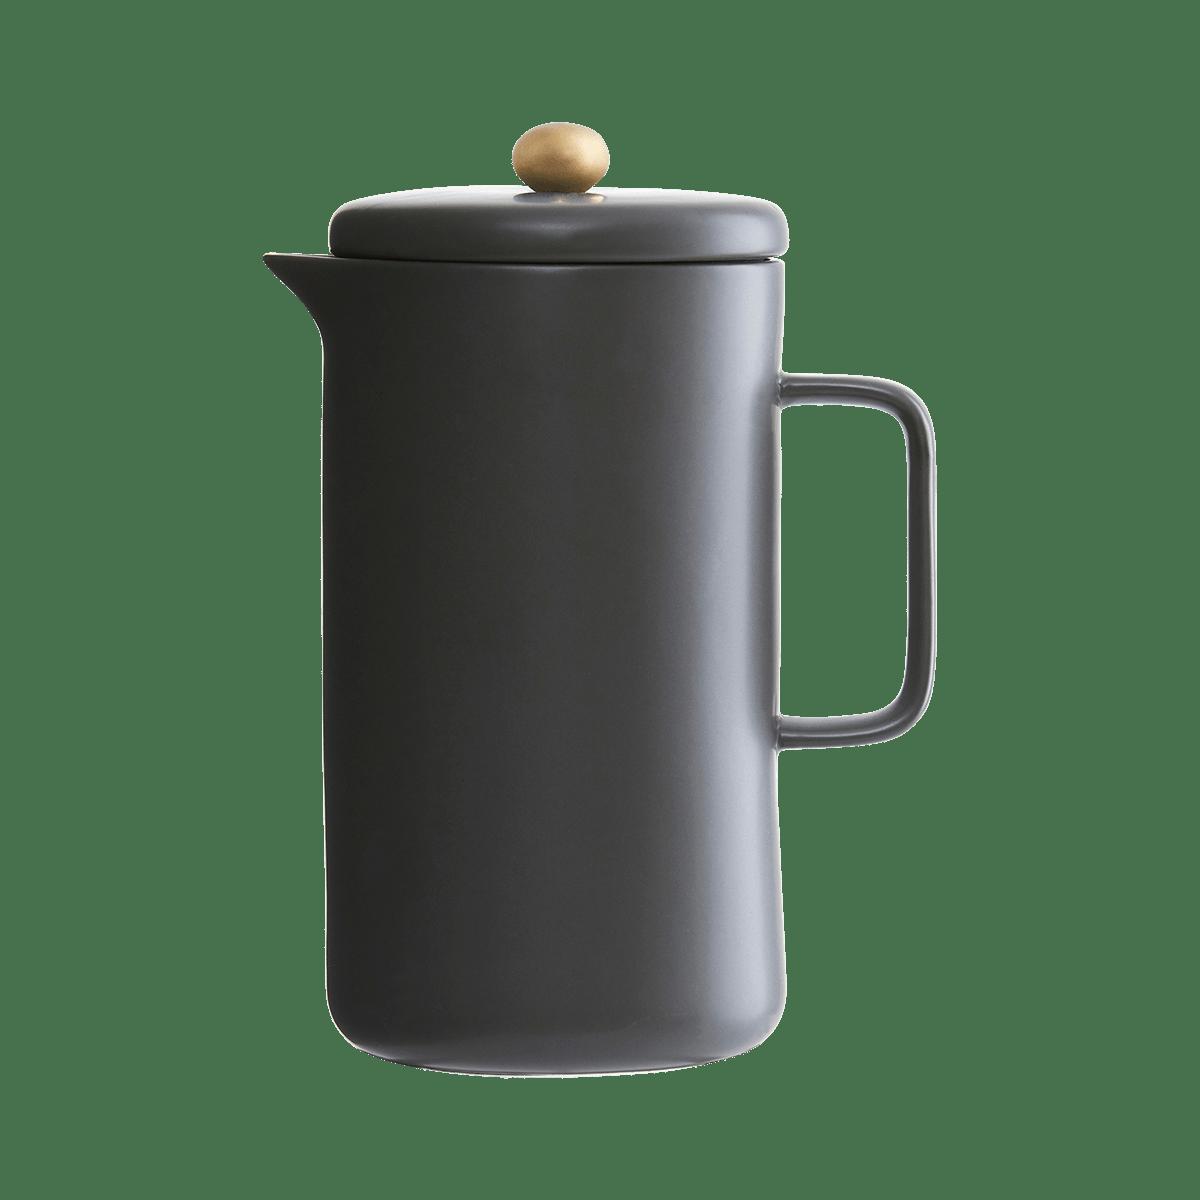 Sada 2 ks − Černá konvice na kávu Pot